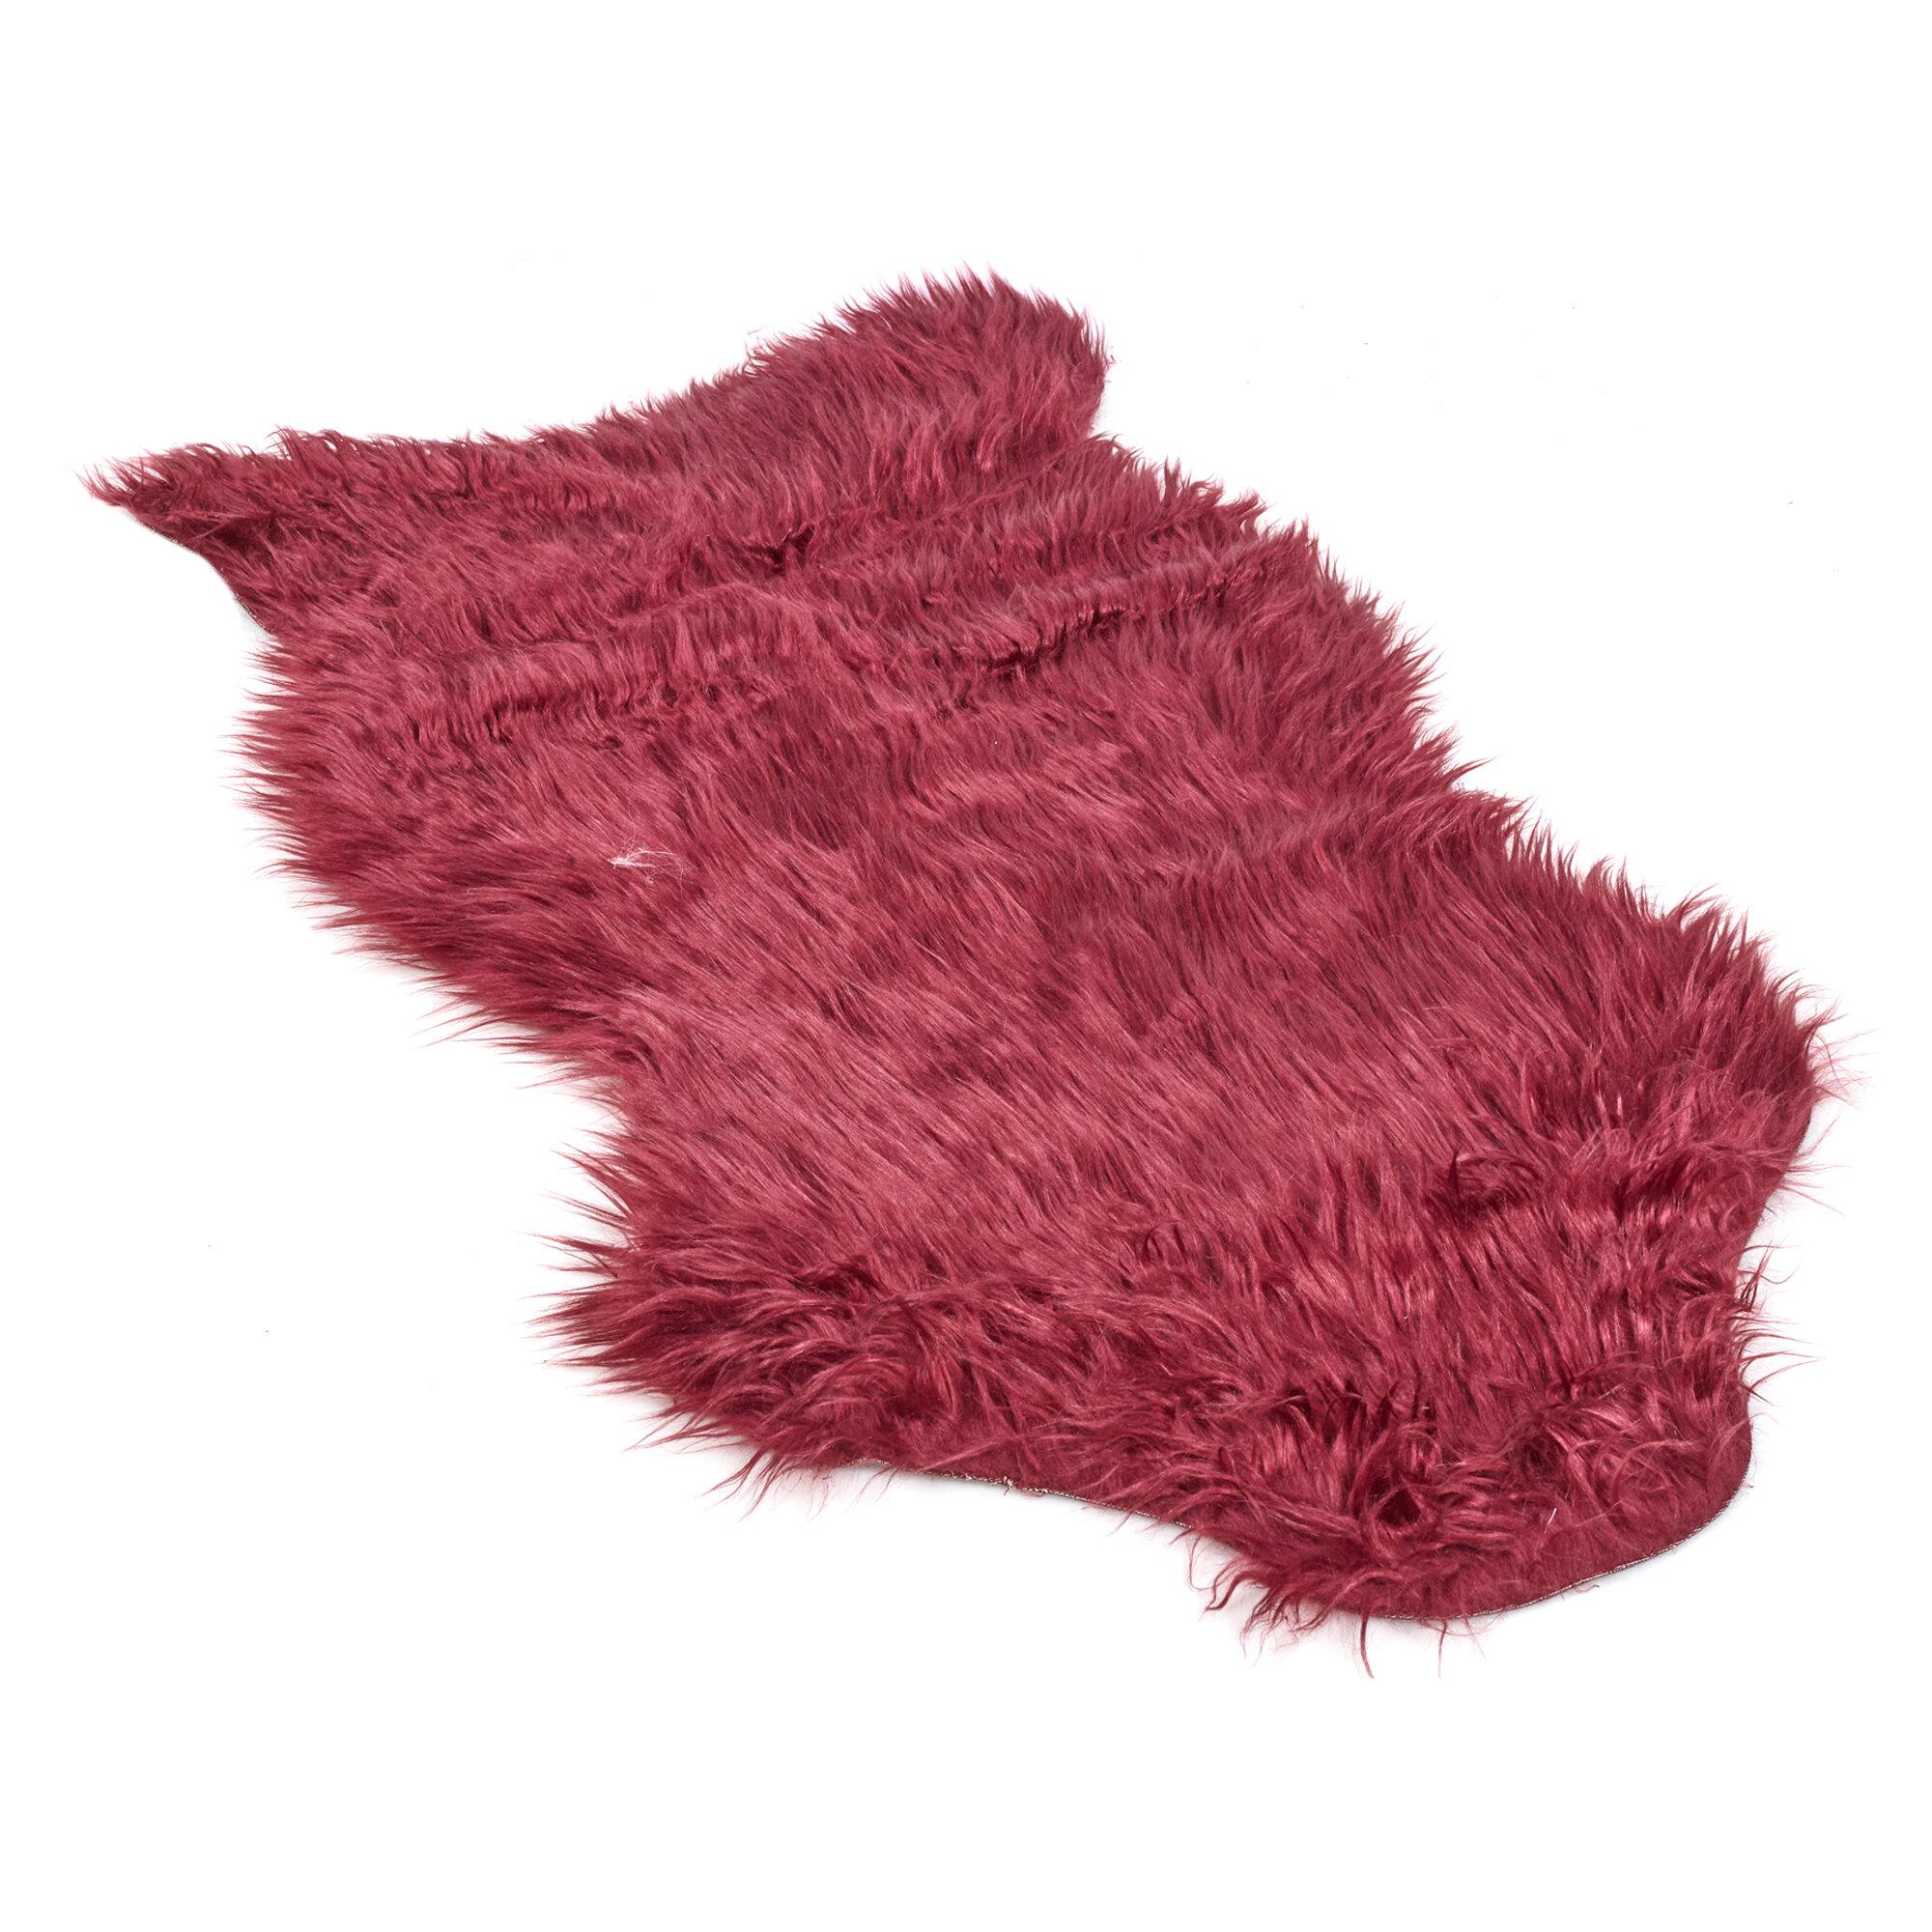 Ebern Designs Eddins Sheepskin Purple Rug Wayfair Co Uk